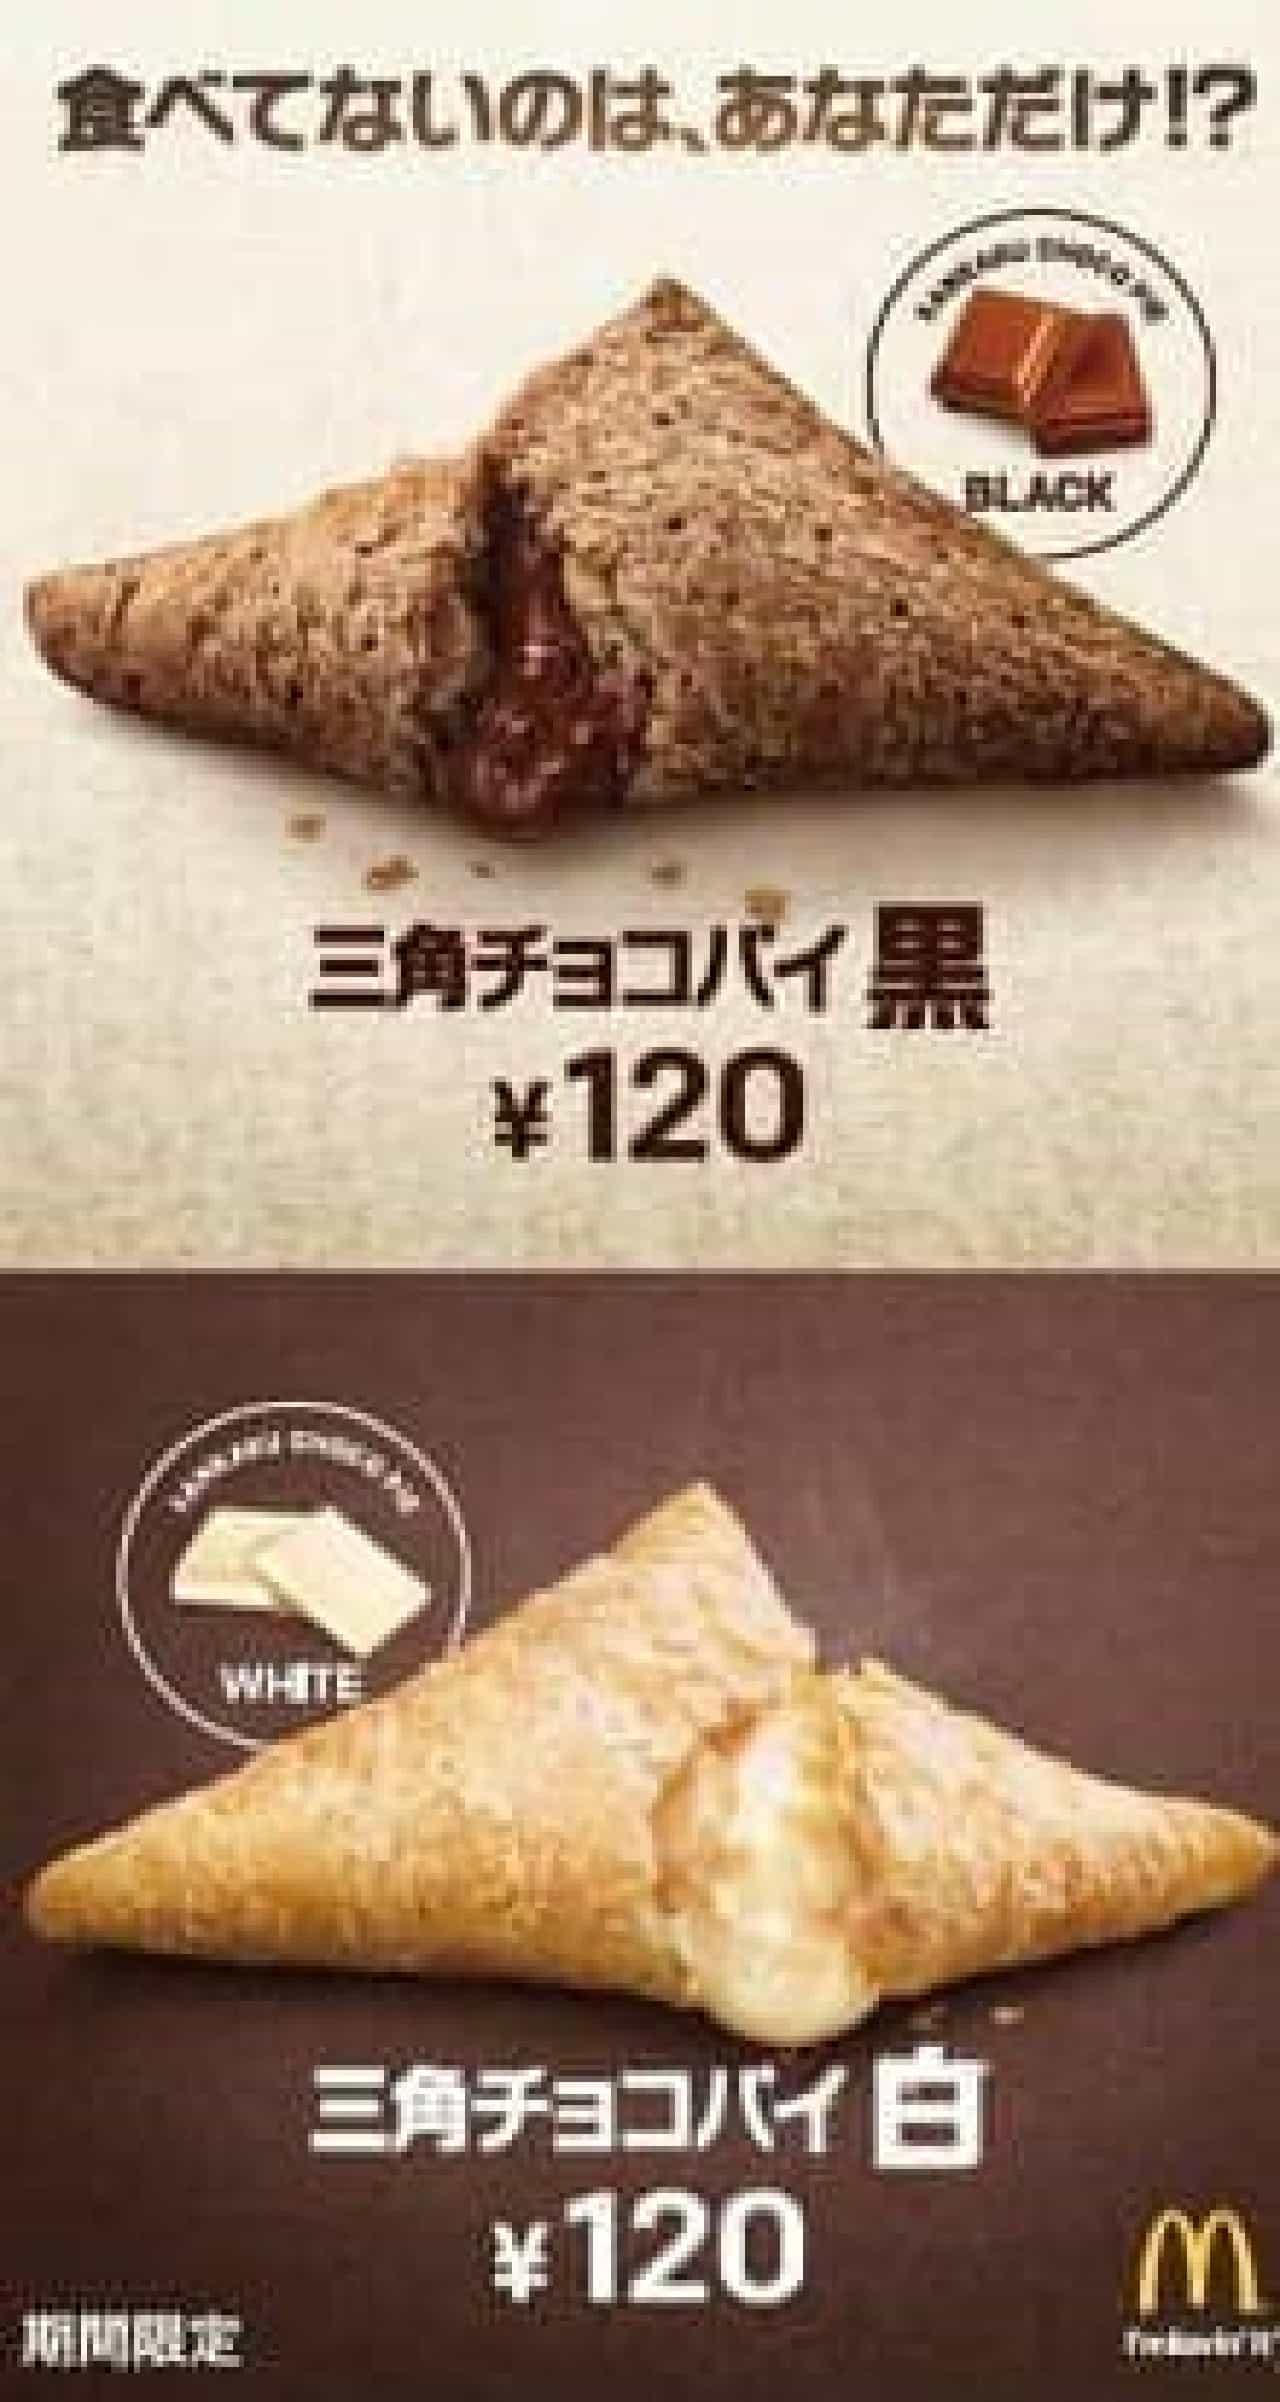 マクドナルド「三角チョコパイ 黒」と「三角チョコパイ 白」